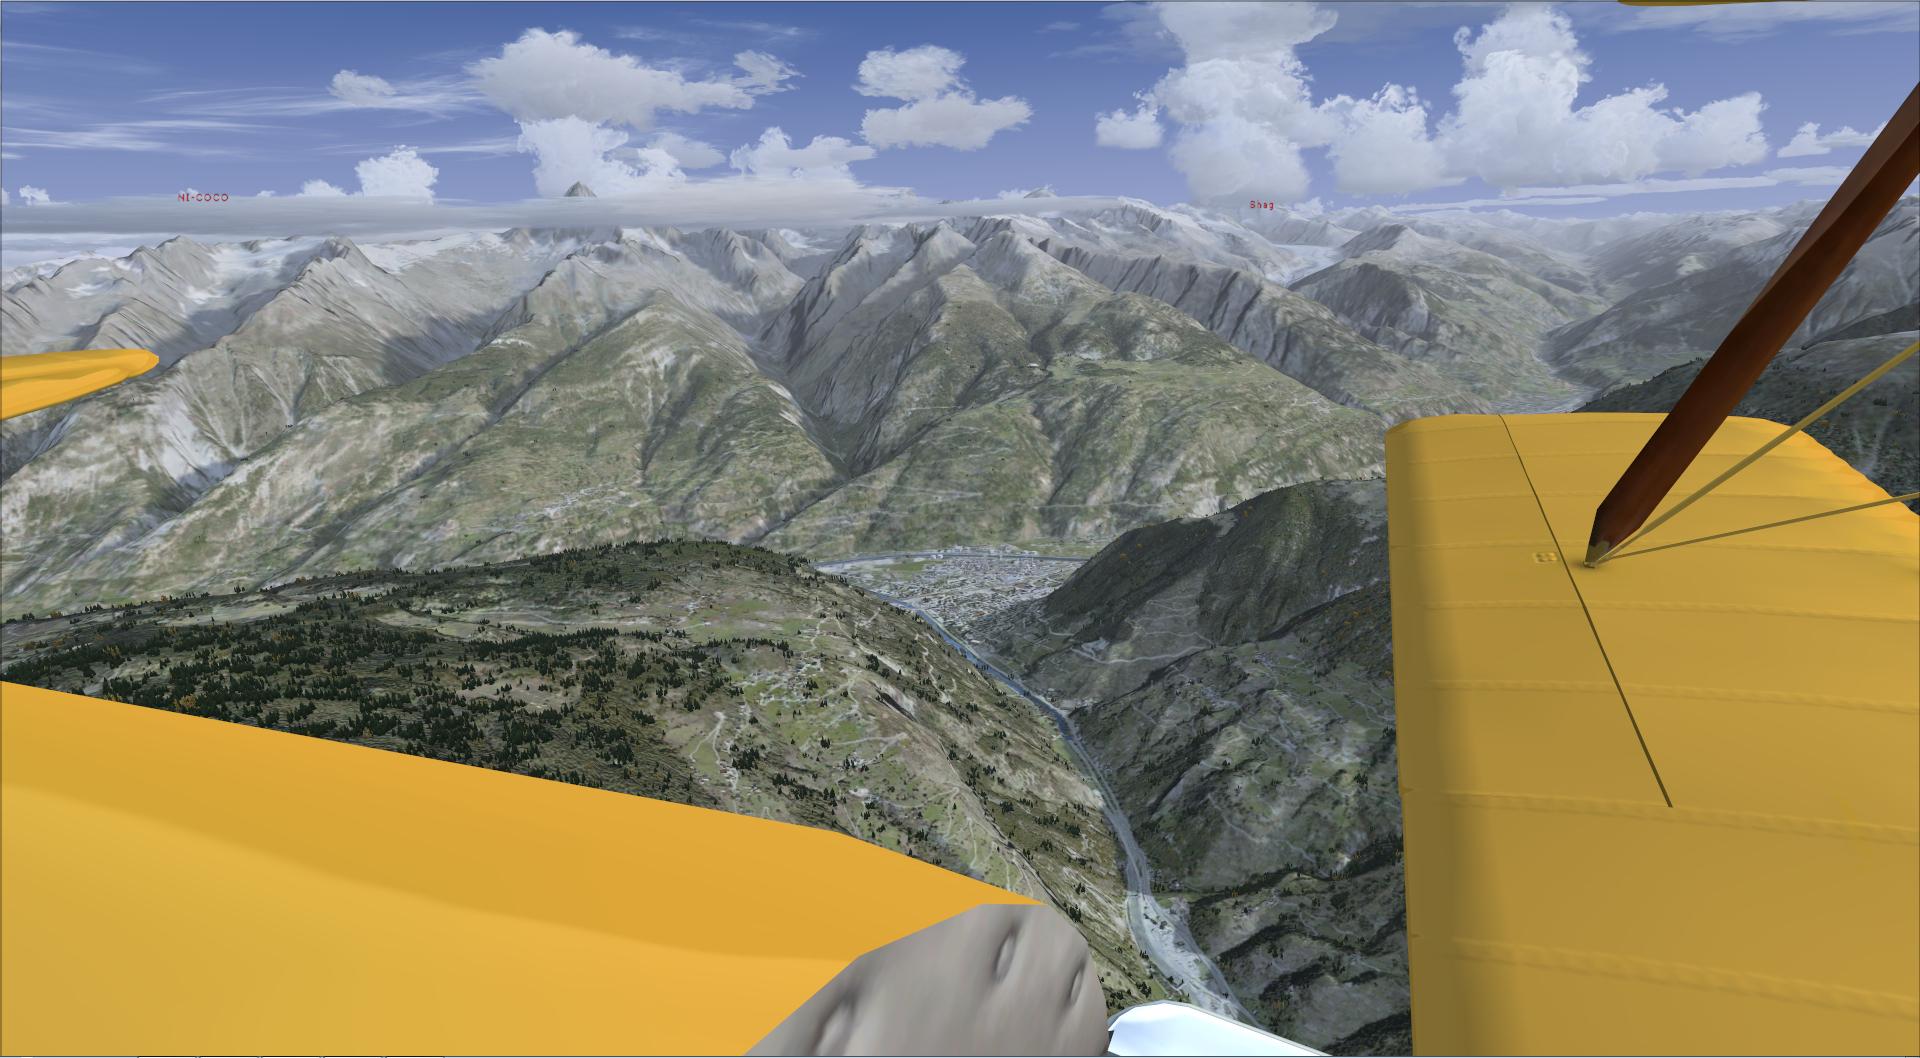 Compte rendu aéroclub. Le passage des alpes 74532720149711162828